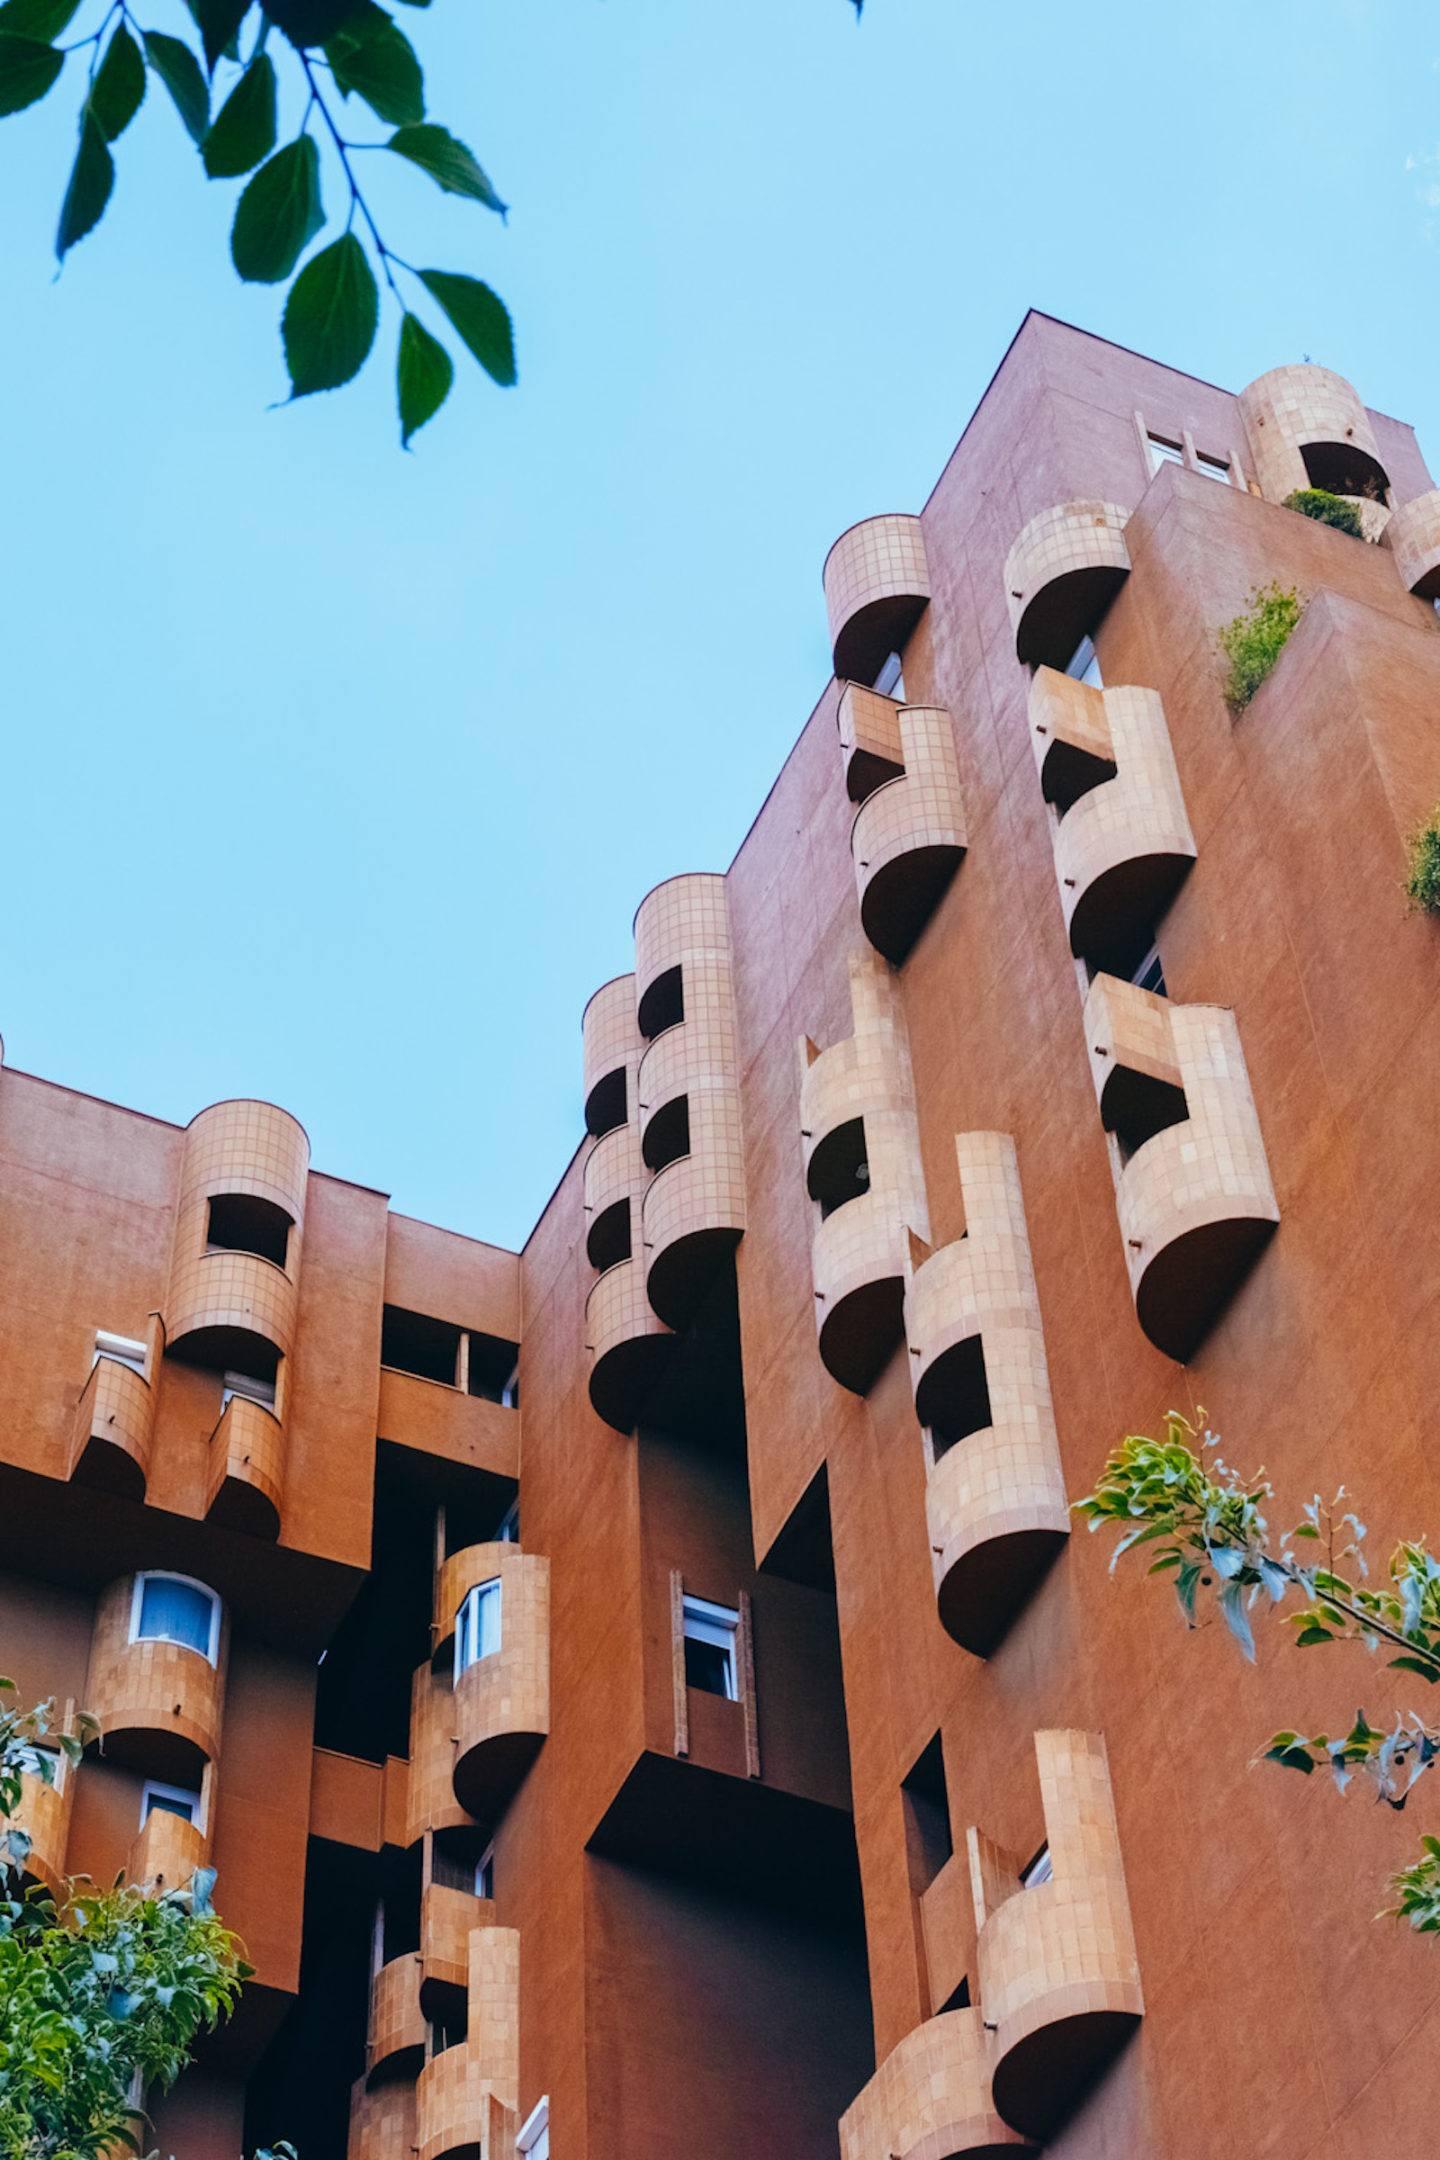 iGNANT-Architecture-Ricardo-Bofill-Walden7-002